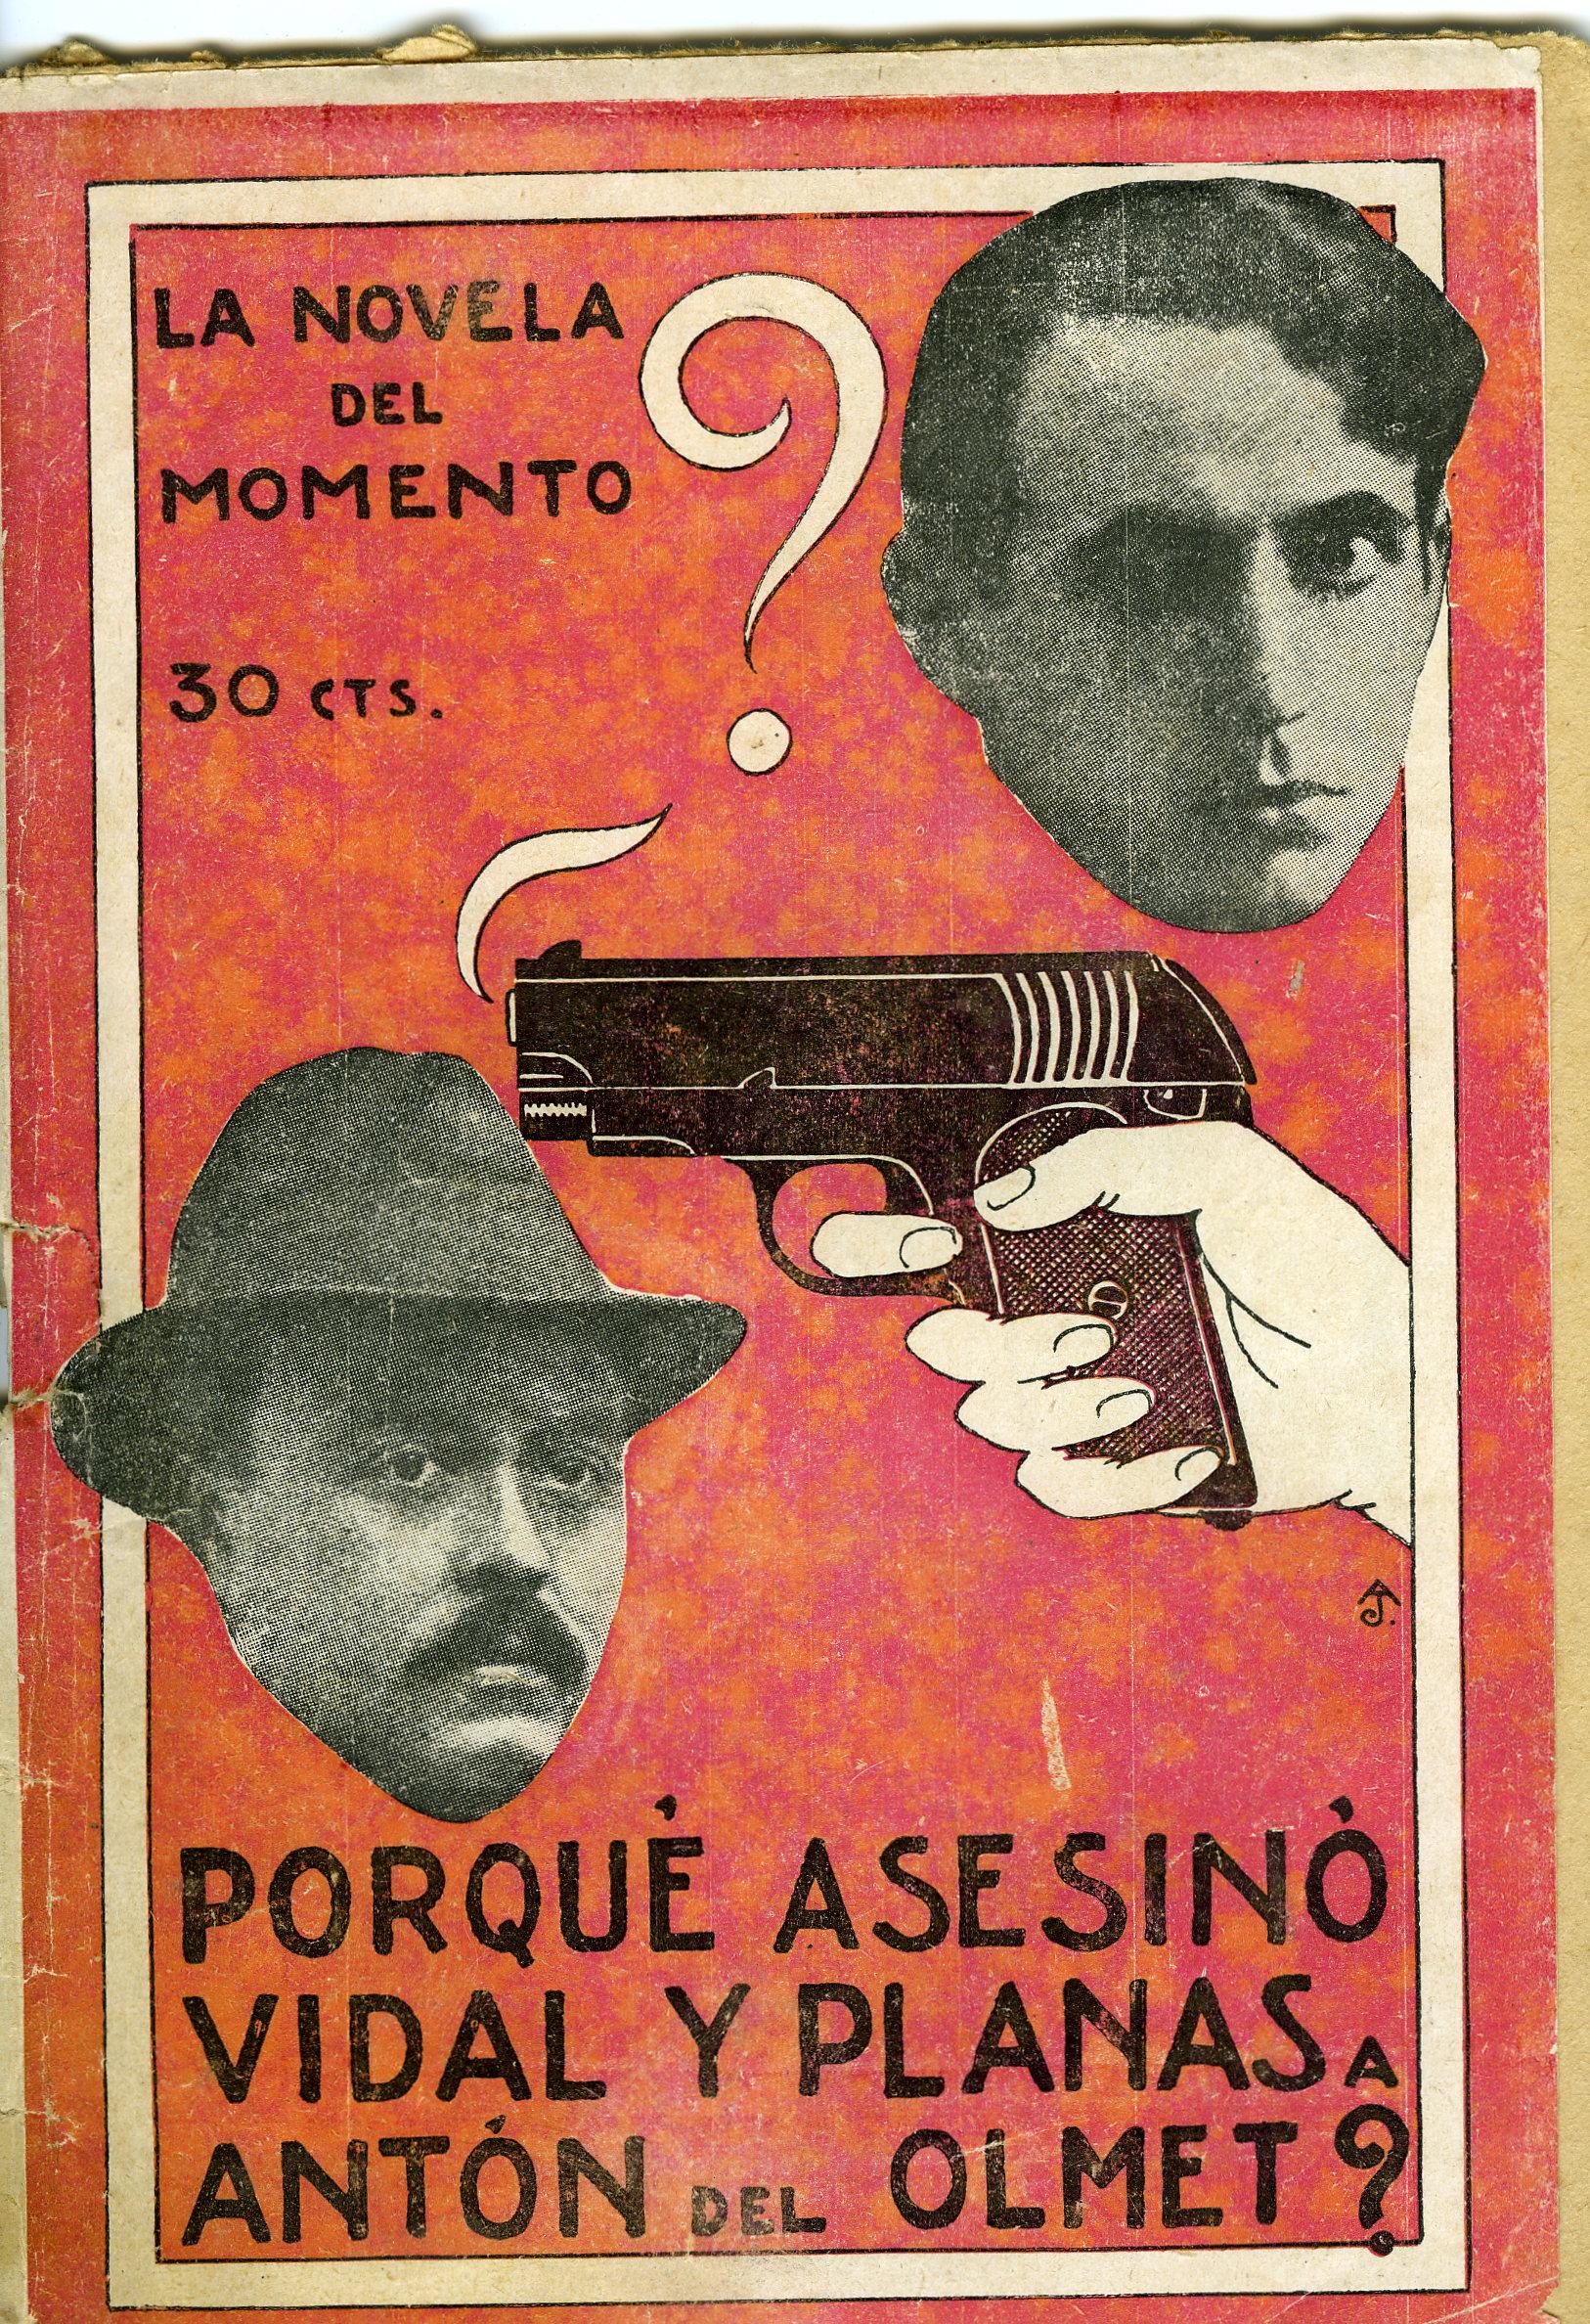 Luis Antón del Olmet | Javier Barreiro